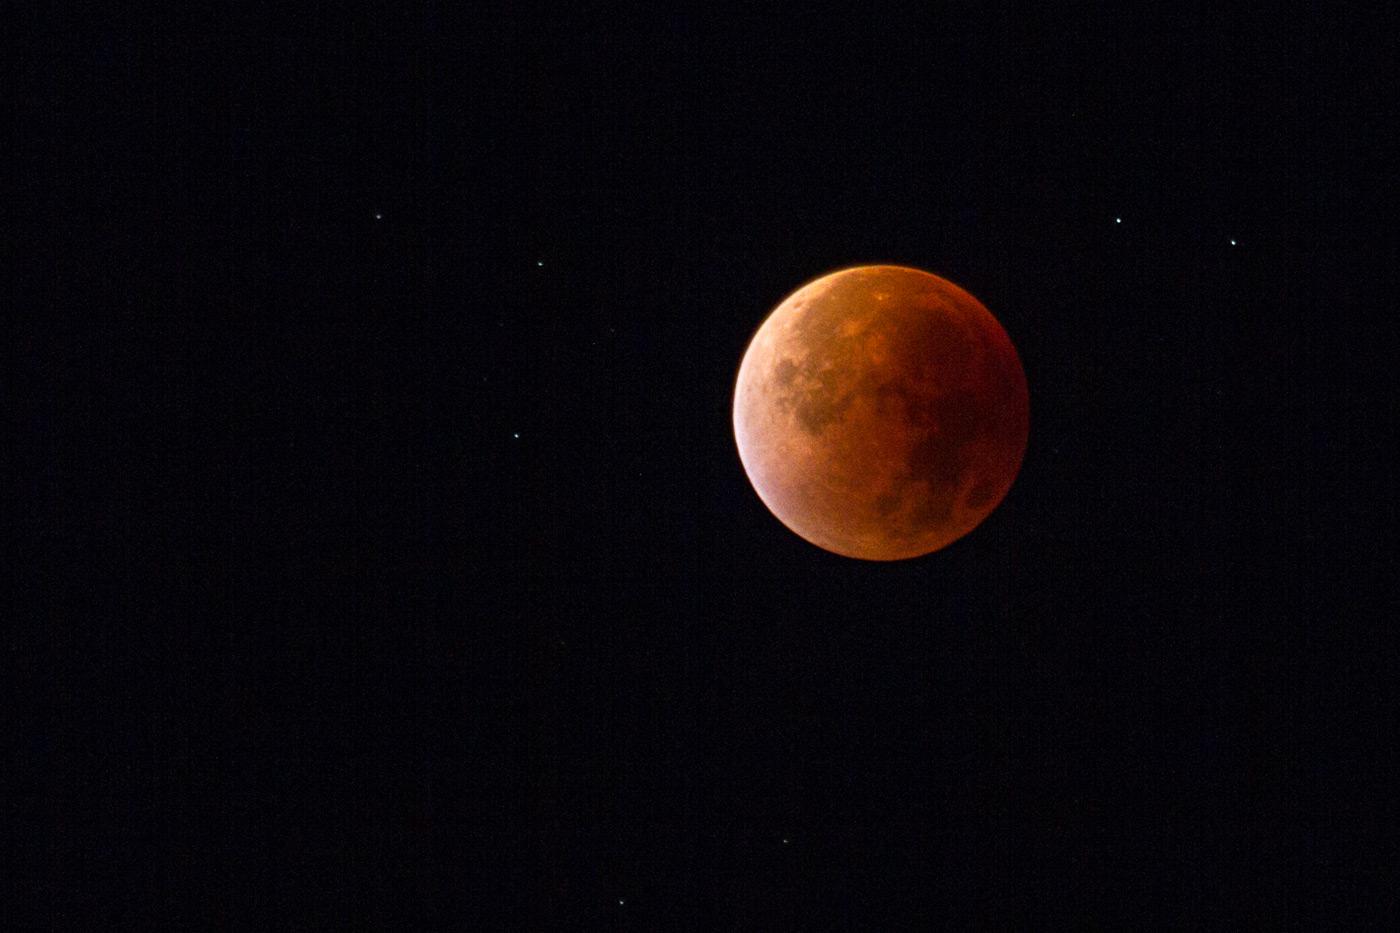 Полное лунное затмение, суперлуние, 28 сентября 2015 г.